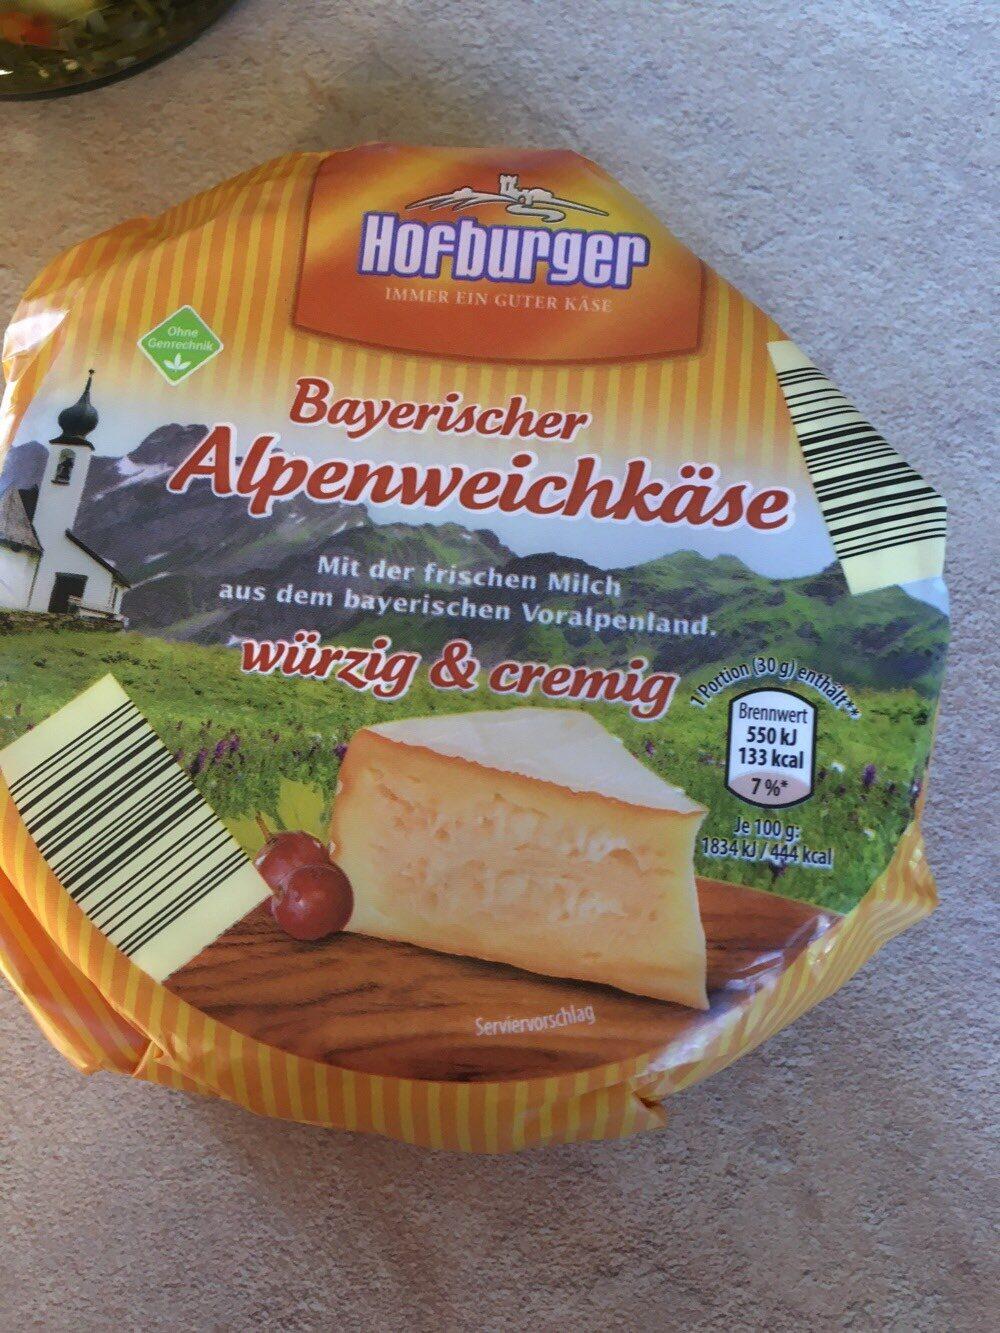 bayrischer alpenweichkäse - Product